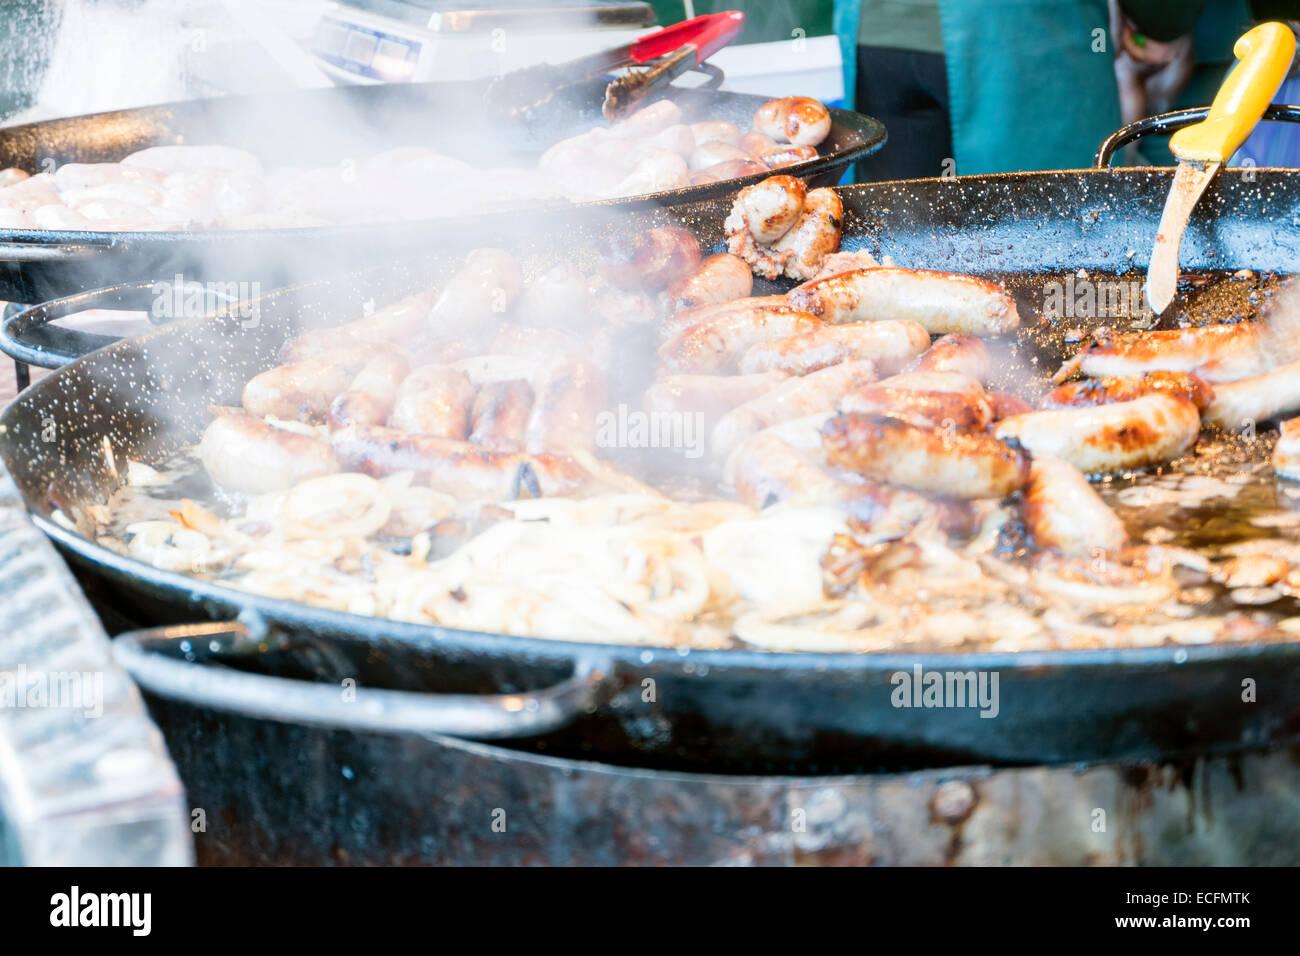 Salsicce e cipolle cottura in una gigantesca padella, al di fuori del catering, UK. Immagini Stock